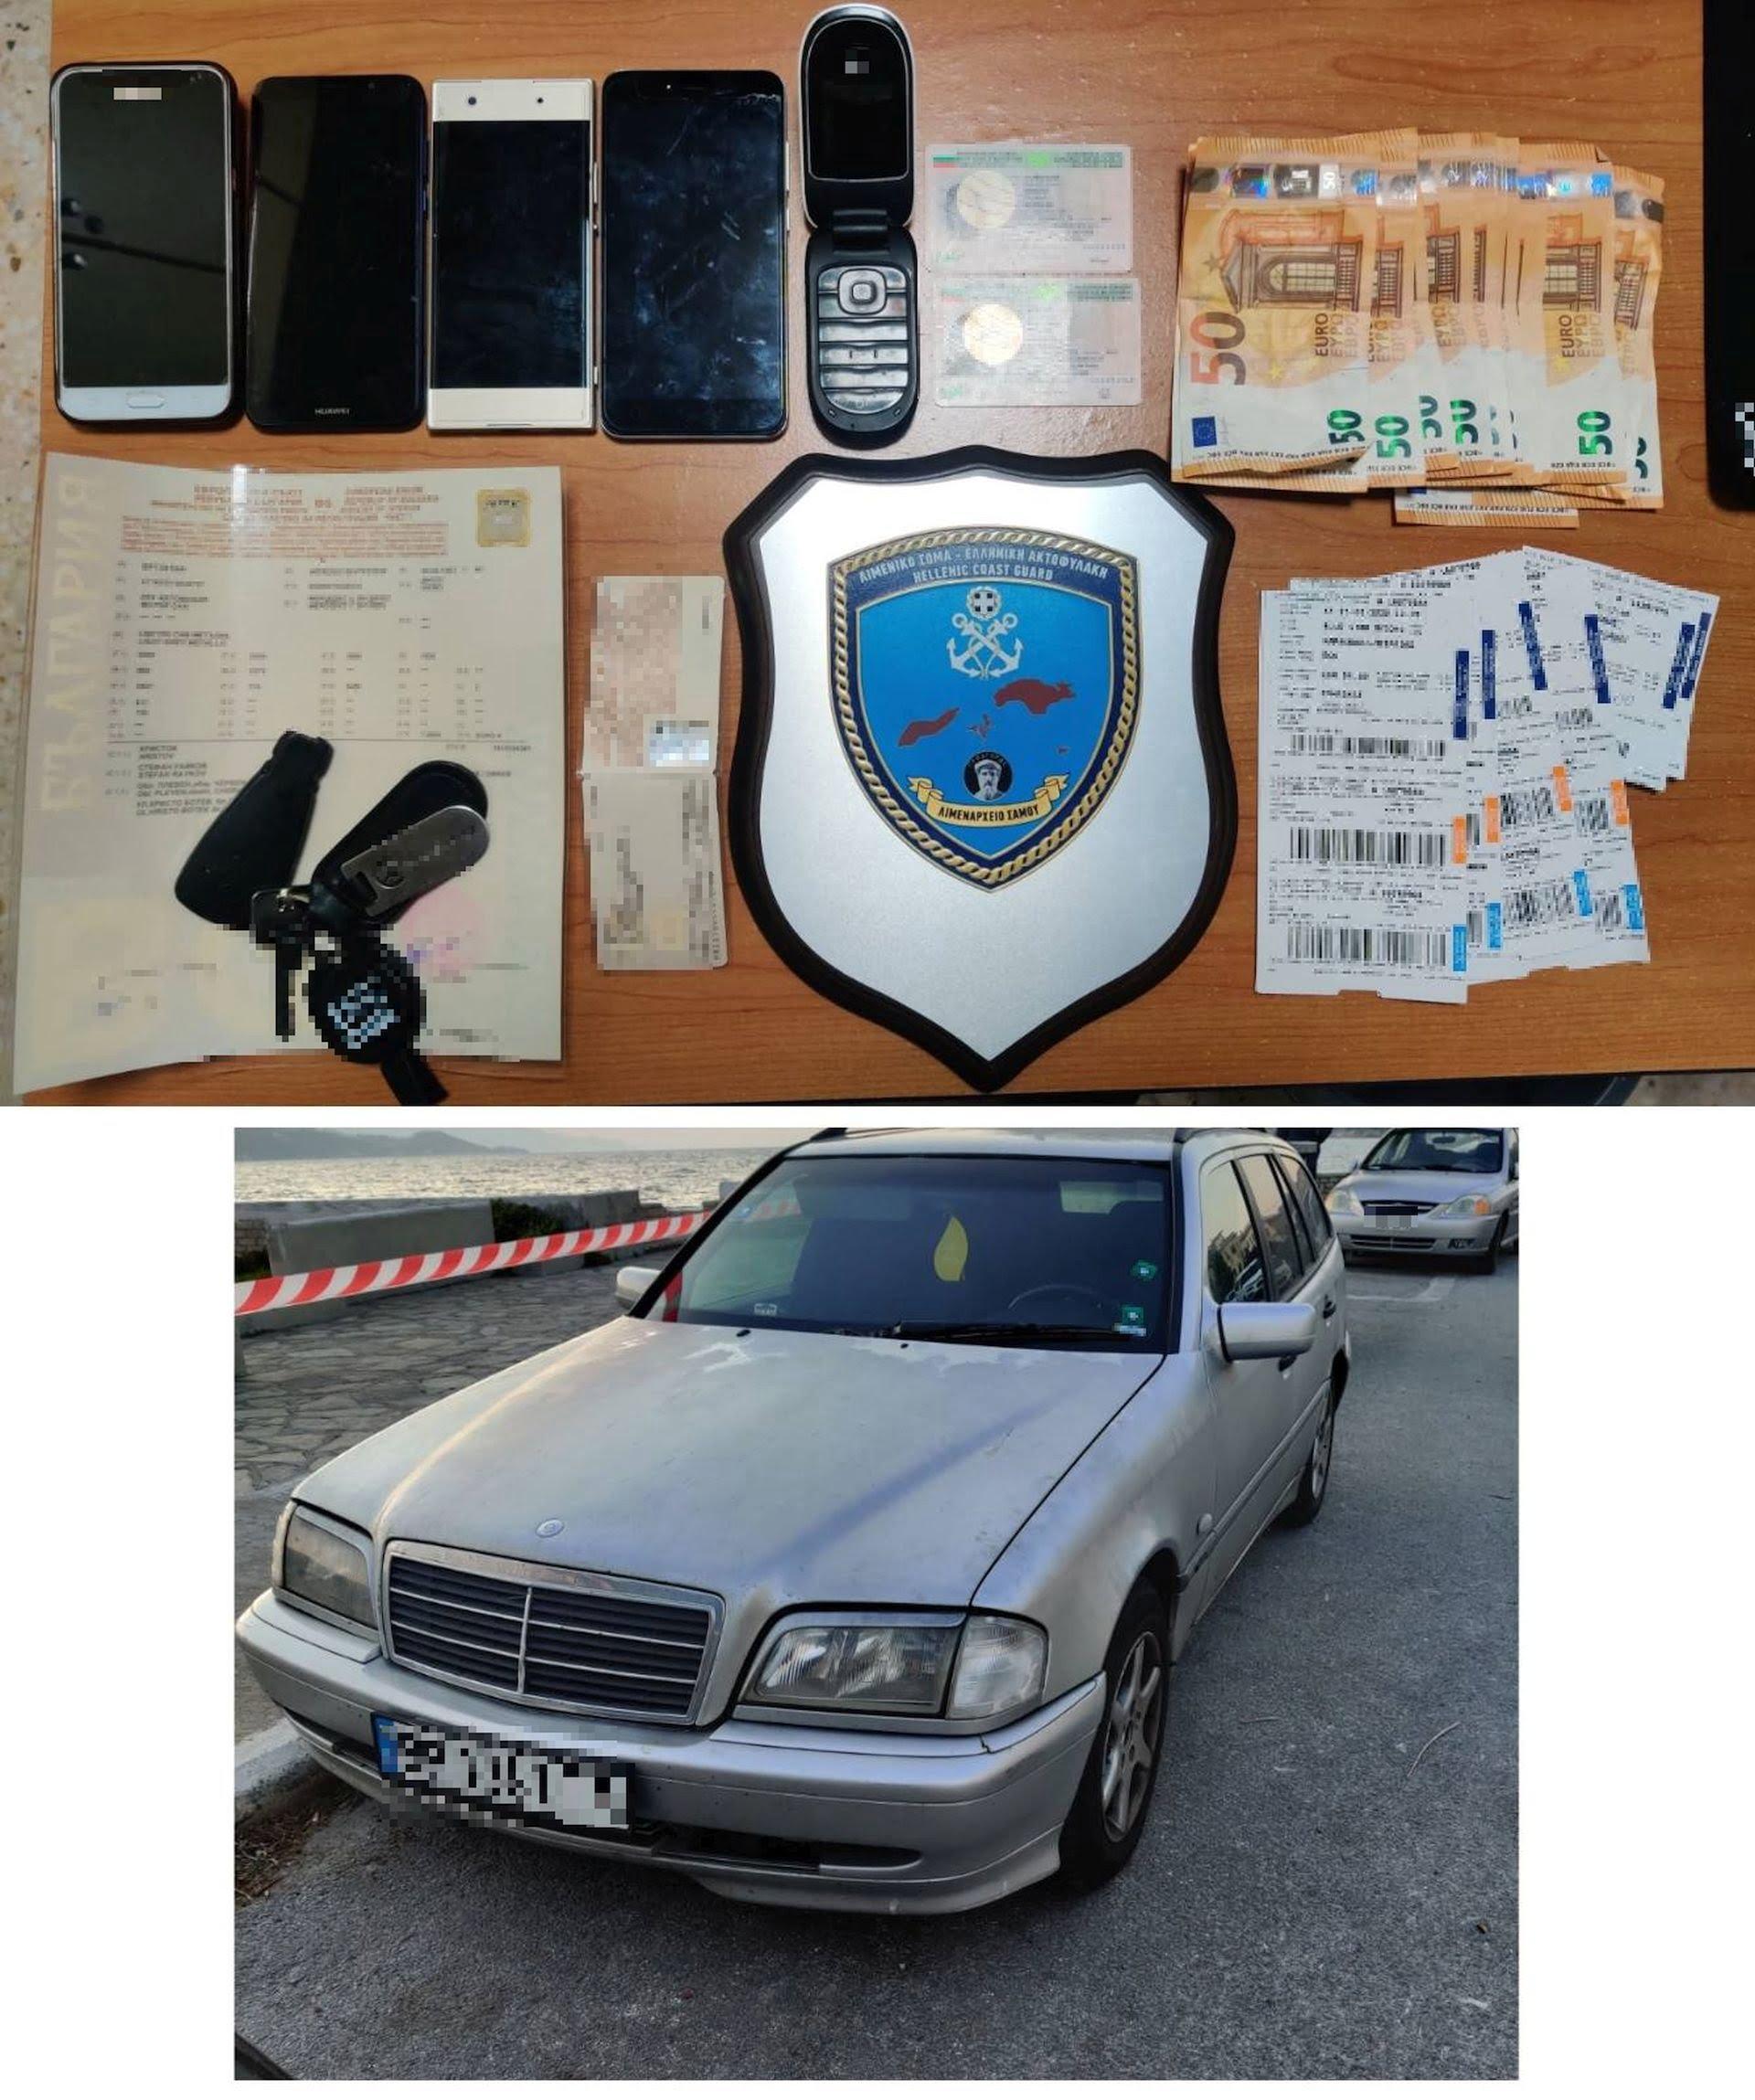 Σύλληψη 4 αλλοδαπών στη Σάμο